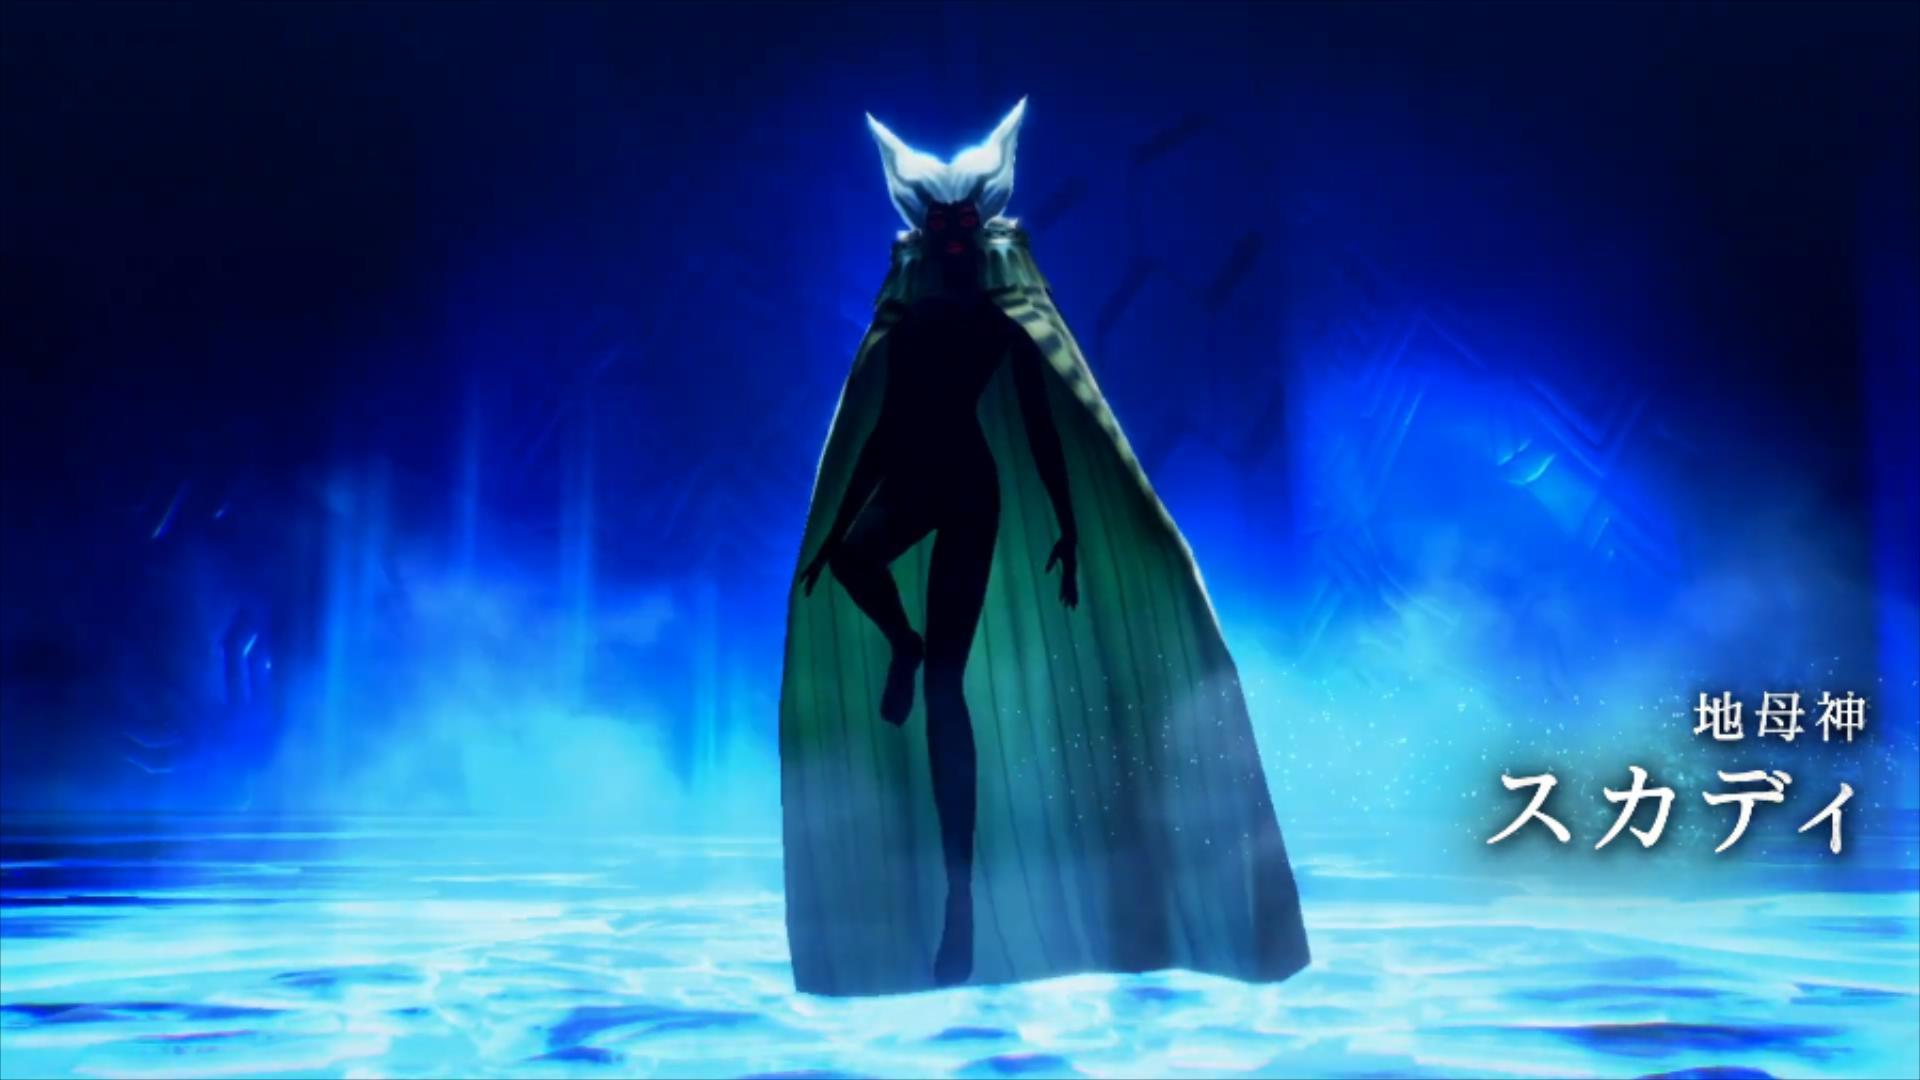 《真女神转生5》每日恶魔介绍:黑暗地母神 丝卡蒂